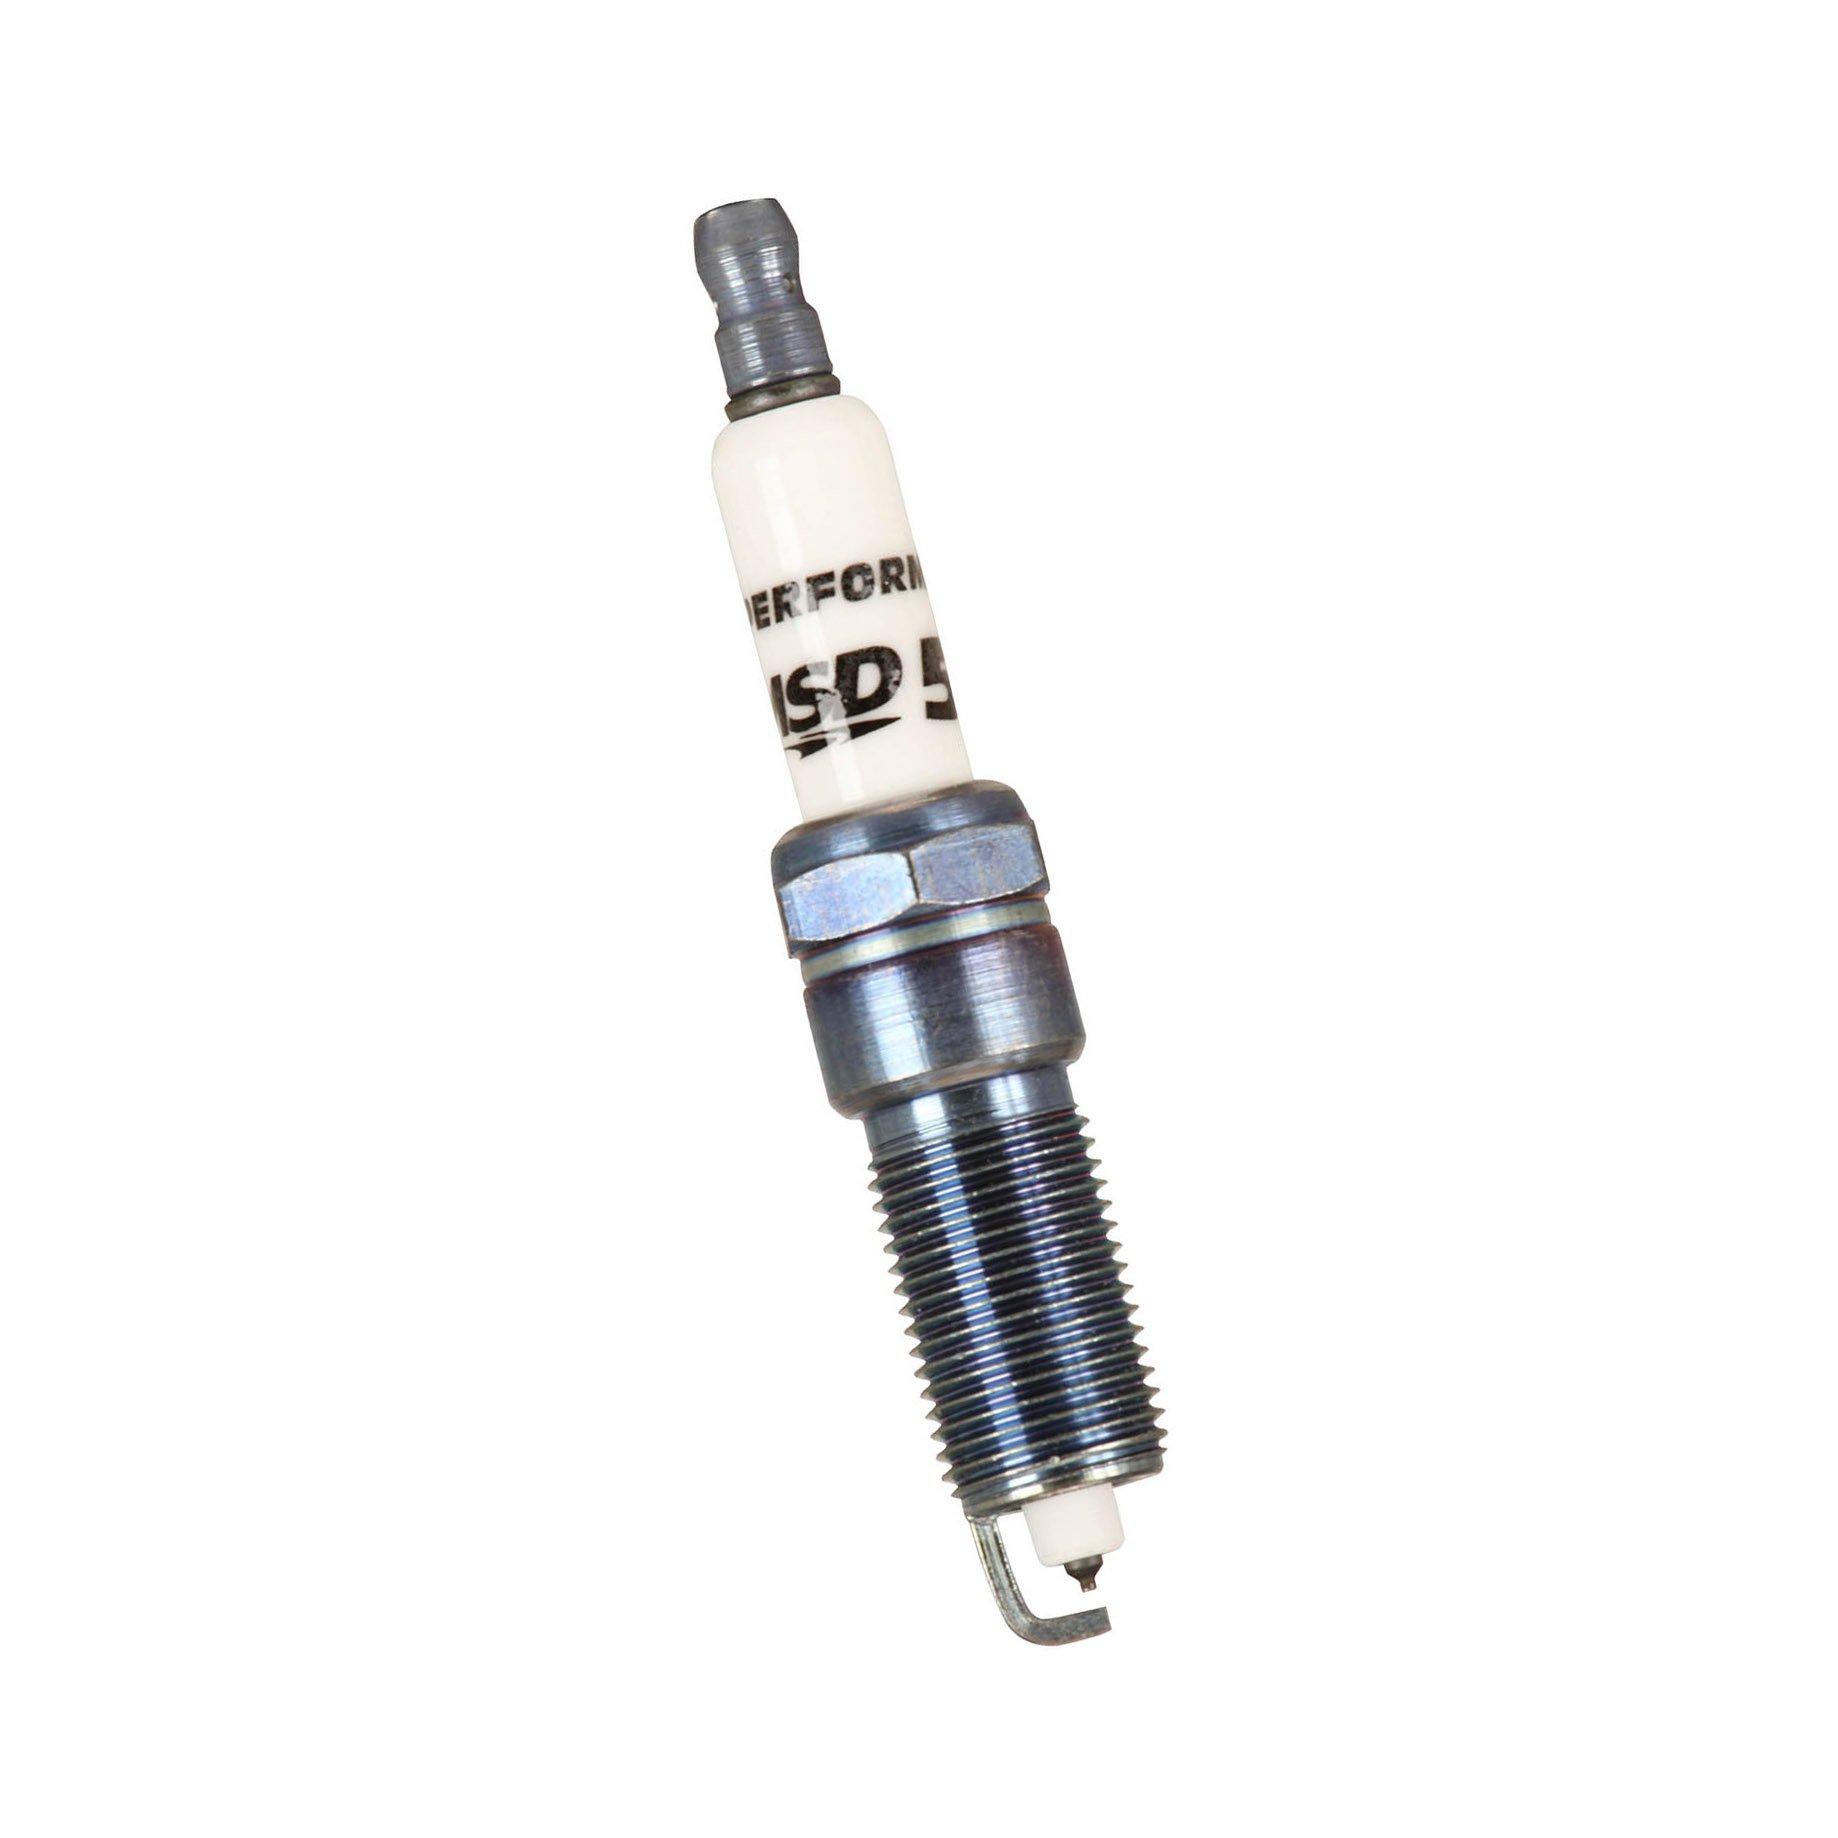 Msd Iridium Spark Plug